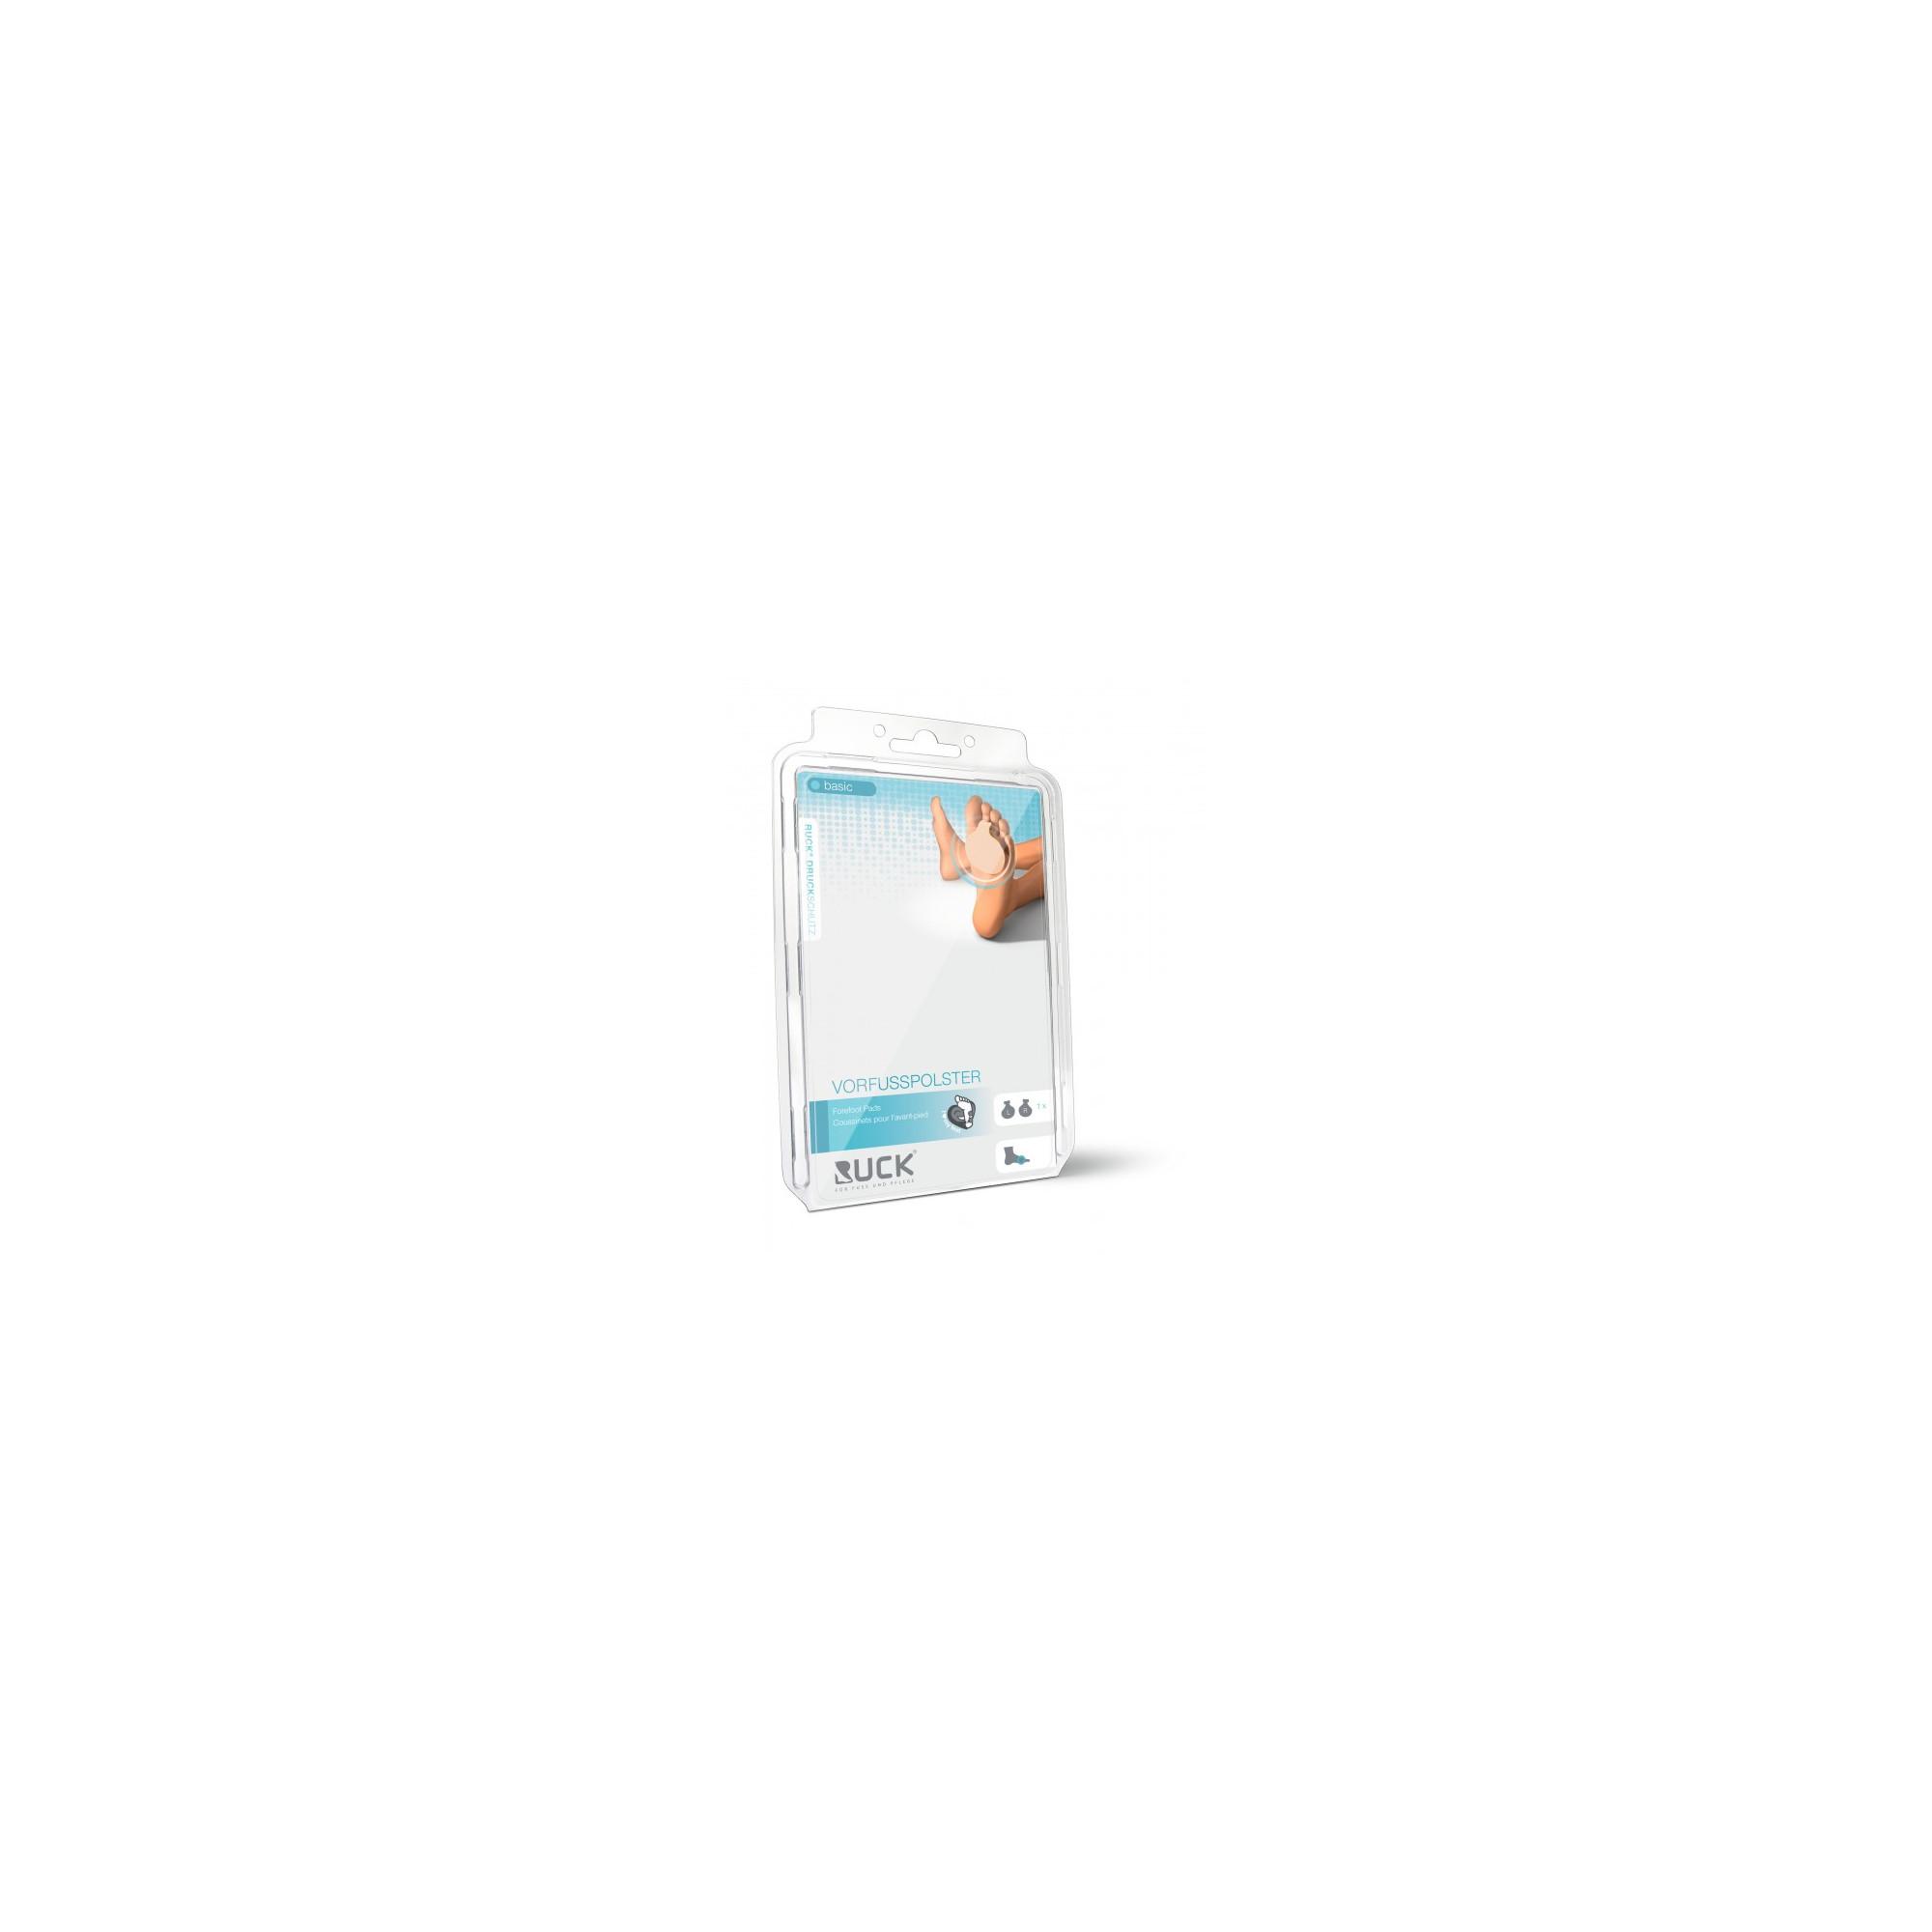 Protection métatarsienne en mousse de latex - Soulage les douleurs - 2 tailles disponibles - 1 paire - Ruck